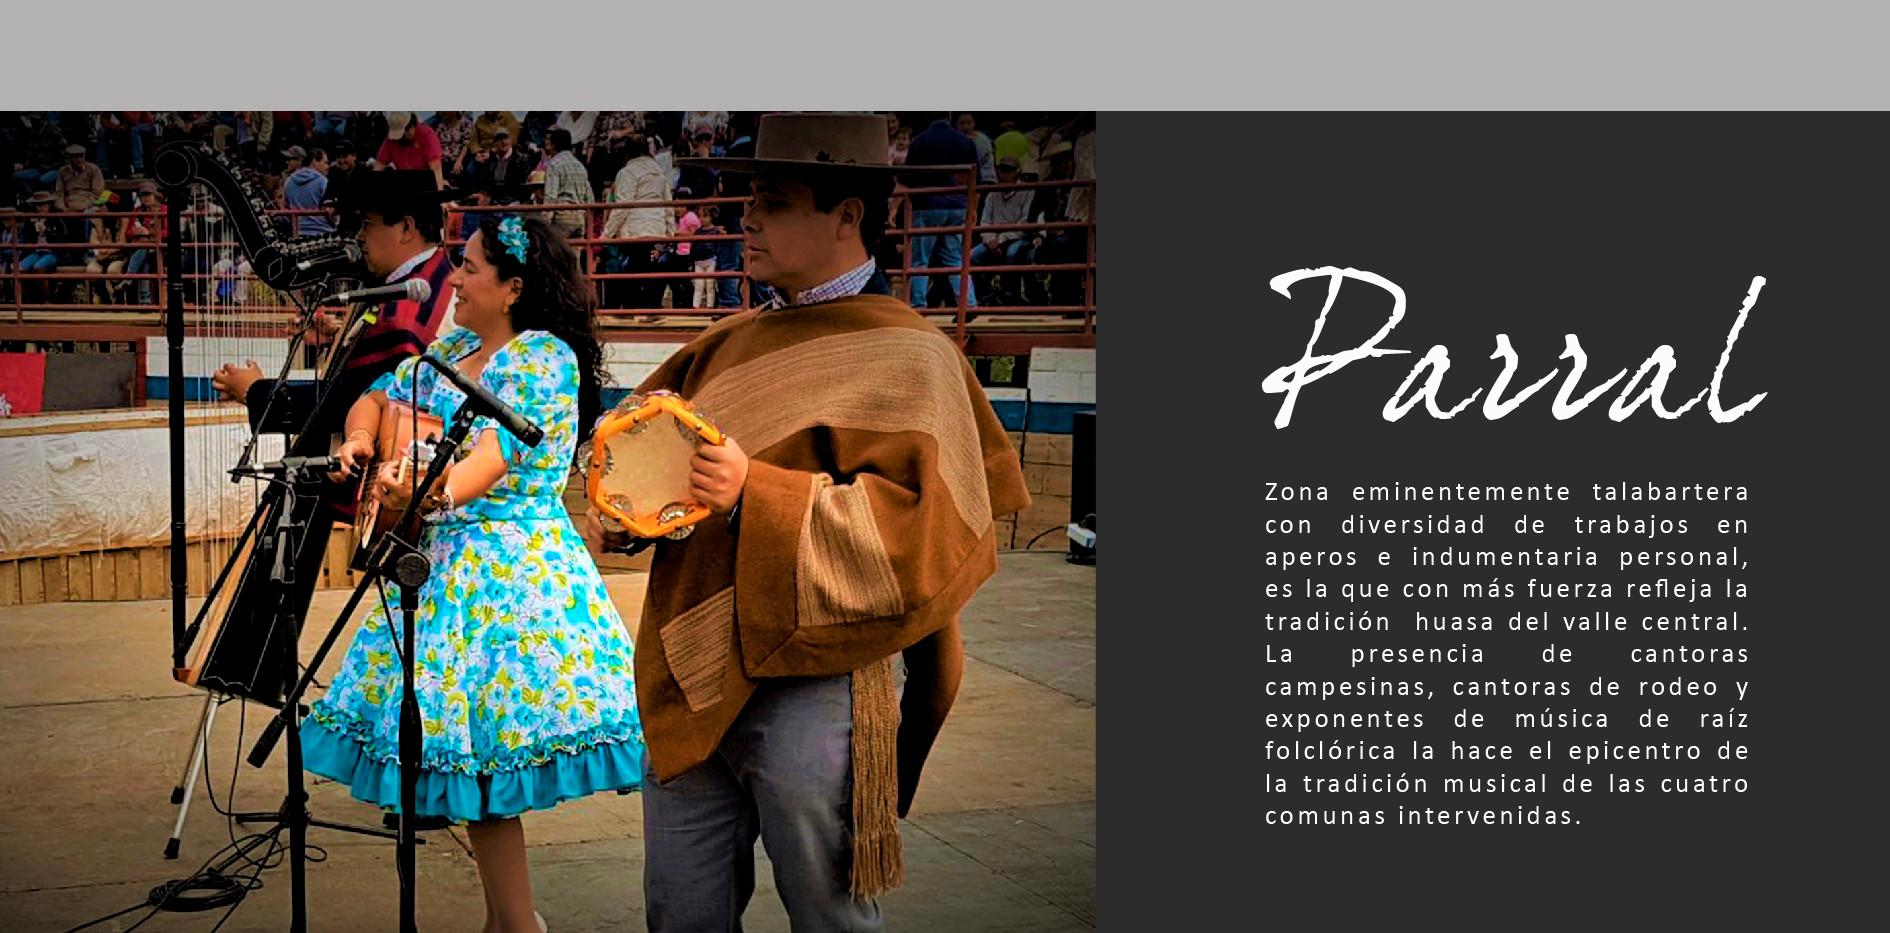 POSTAL FATIMA-02.jpg